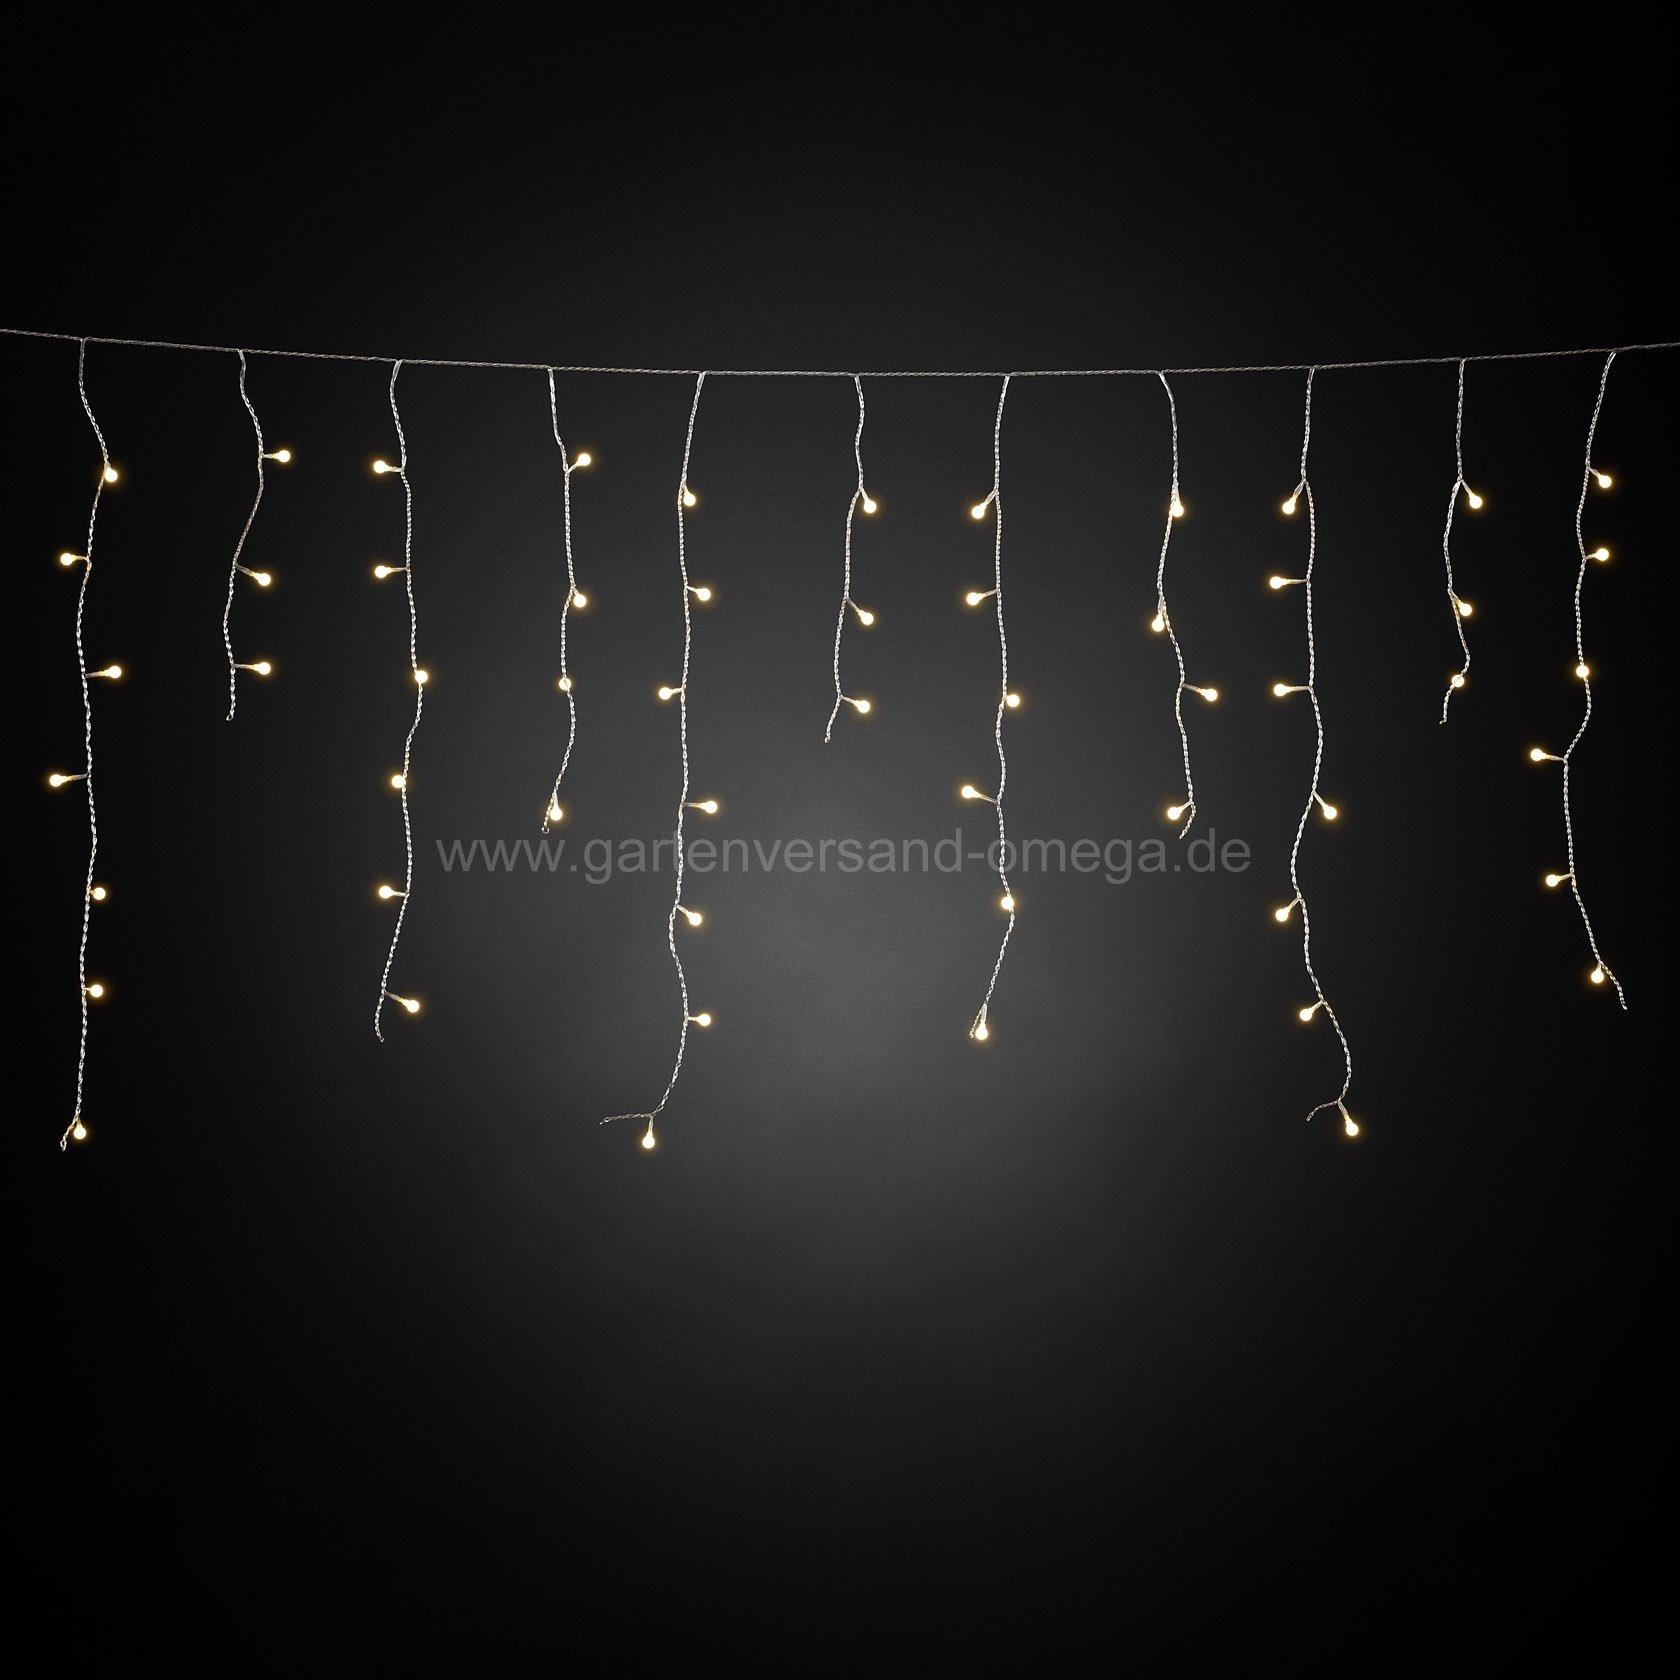 Led eisregen lichtervorhang mit wei en globes for Lichtervorhang weihnachten